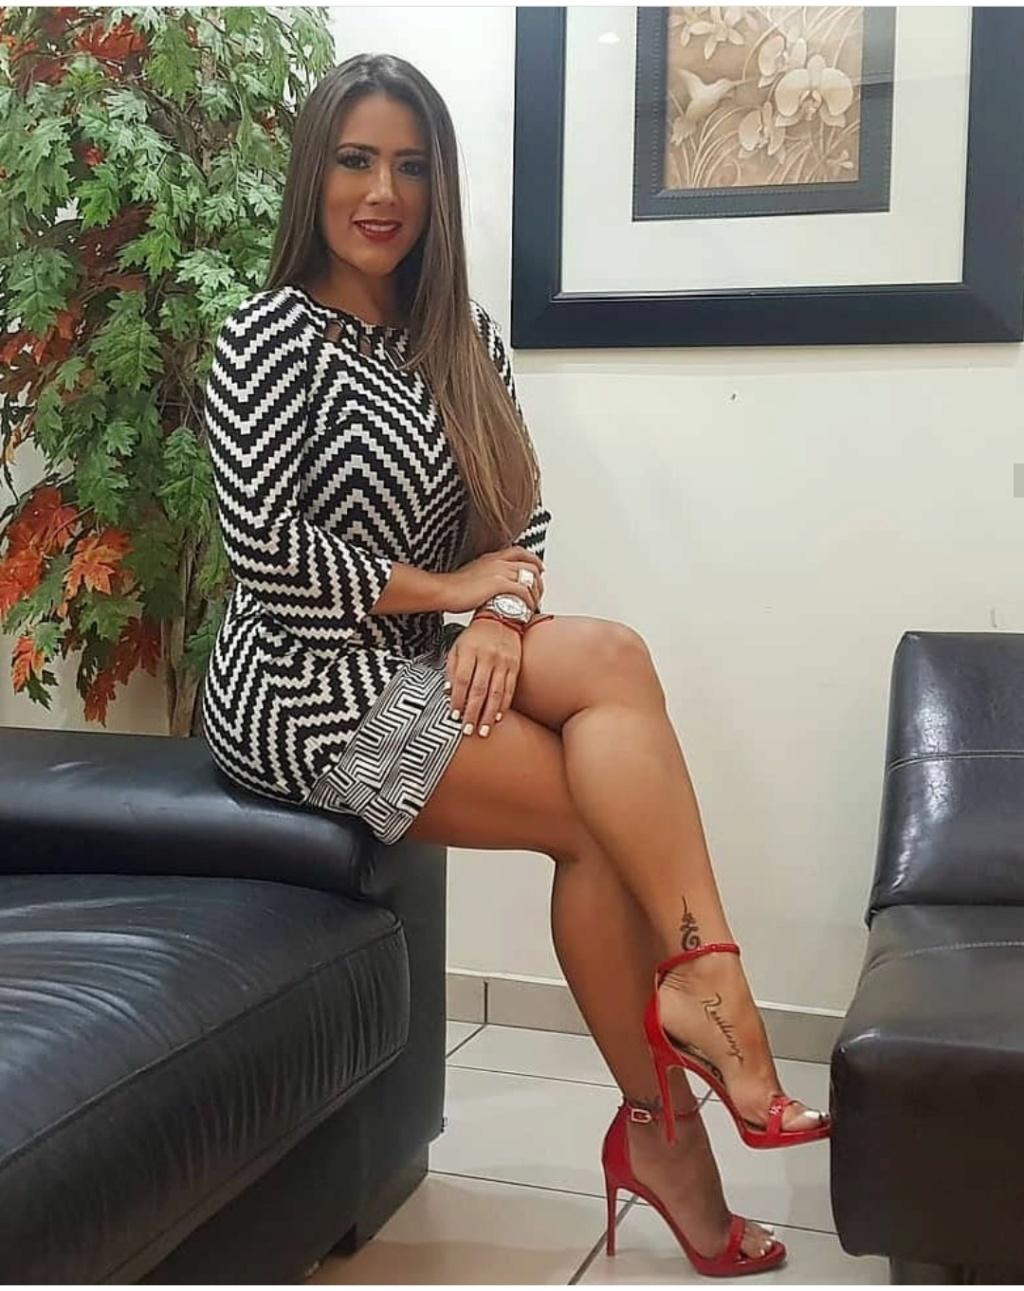 DEBATE sobre belleza, guapura y hermosura (fotos de chicas latinas, mestizas, y de todo) - VOL II - Página 2 Img_1351